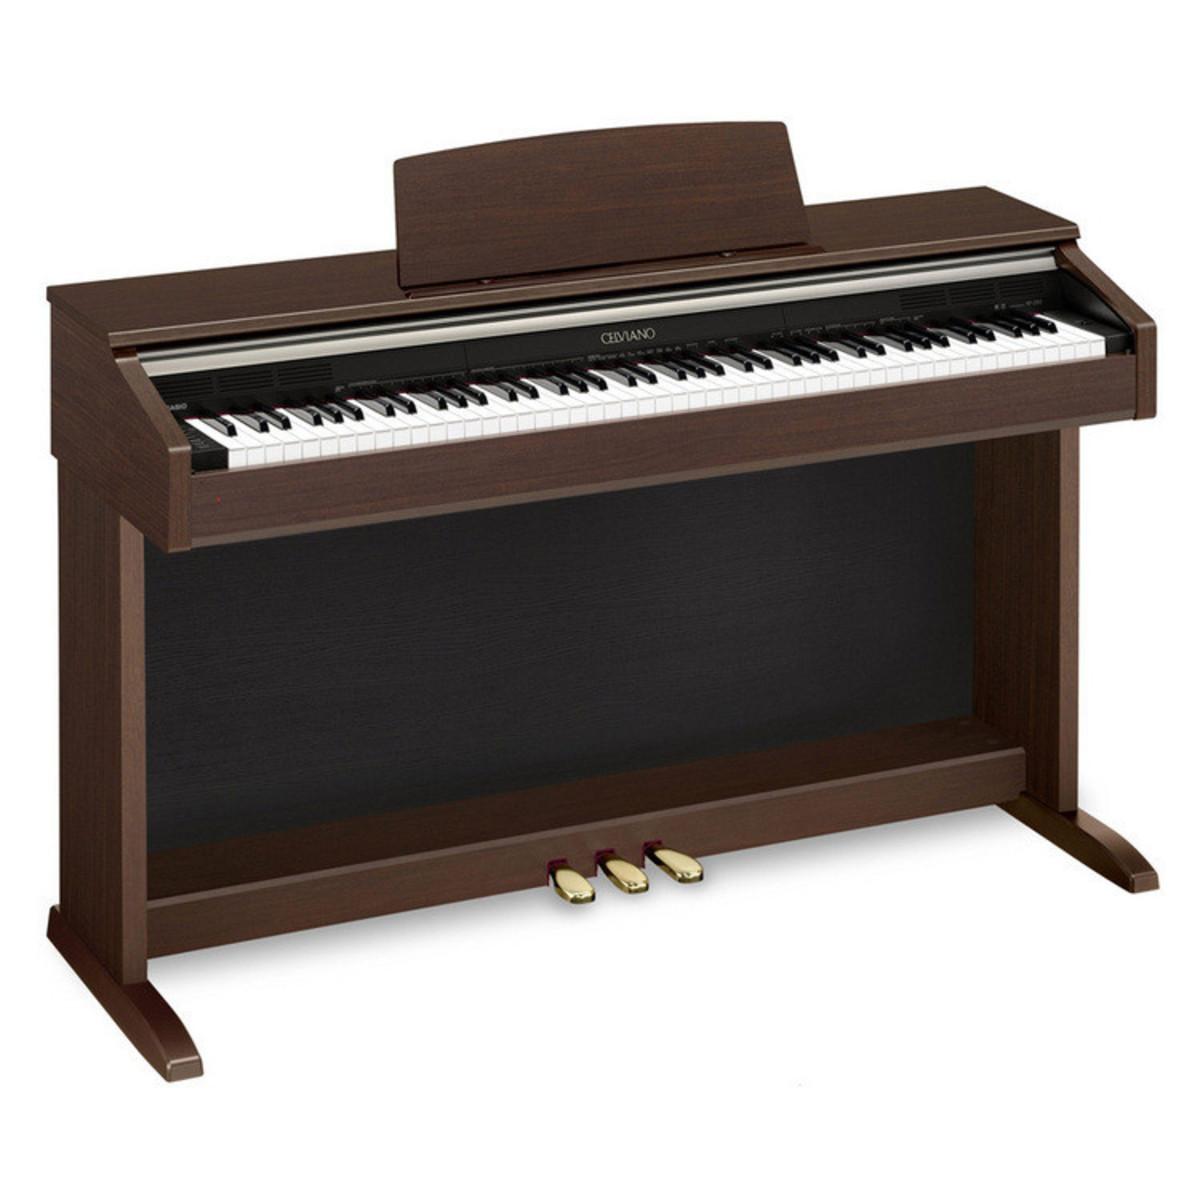 lecciones brown auriculares y casio celviano ap 220 piano digital en. Black Bedroom Furniture Sets. Home Design Ideas